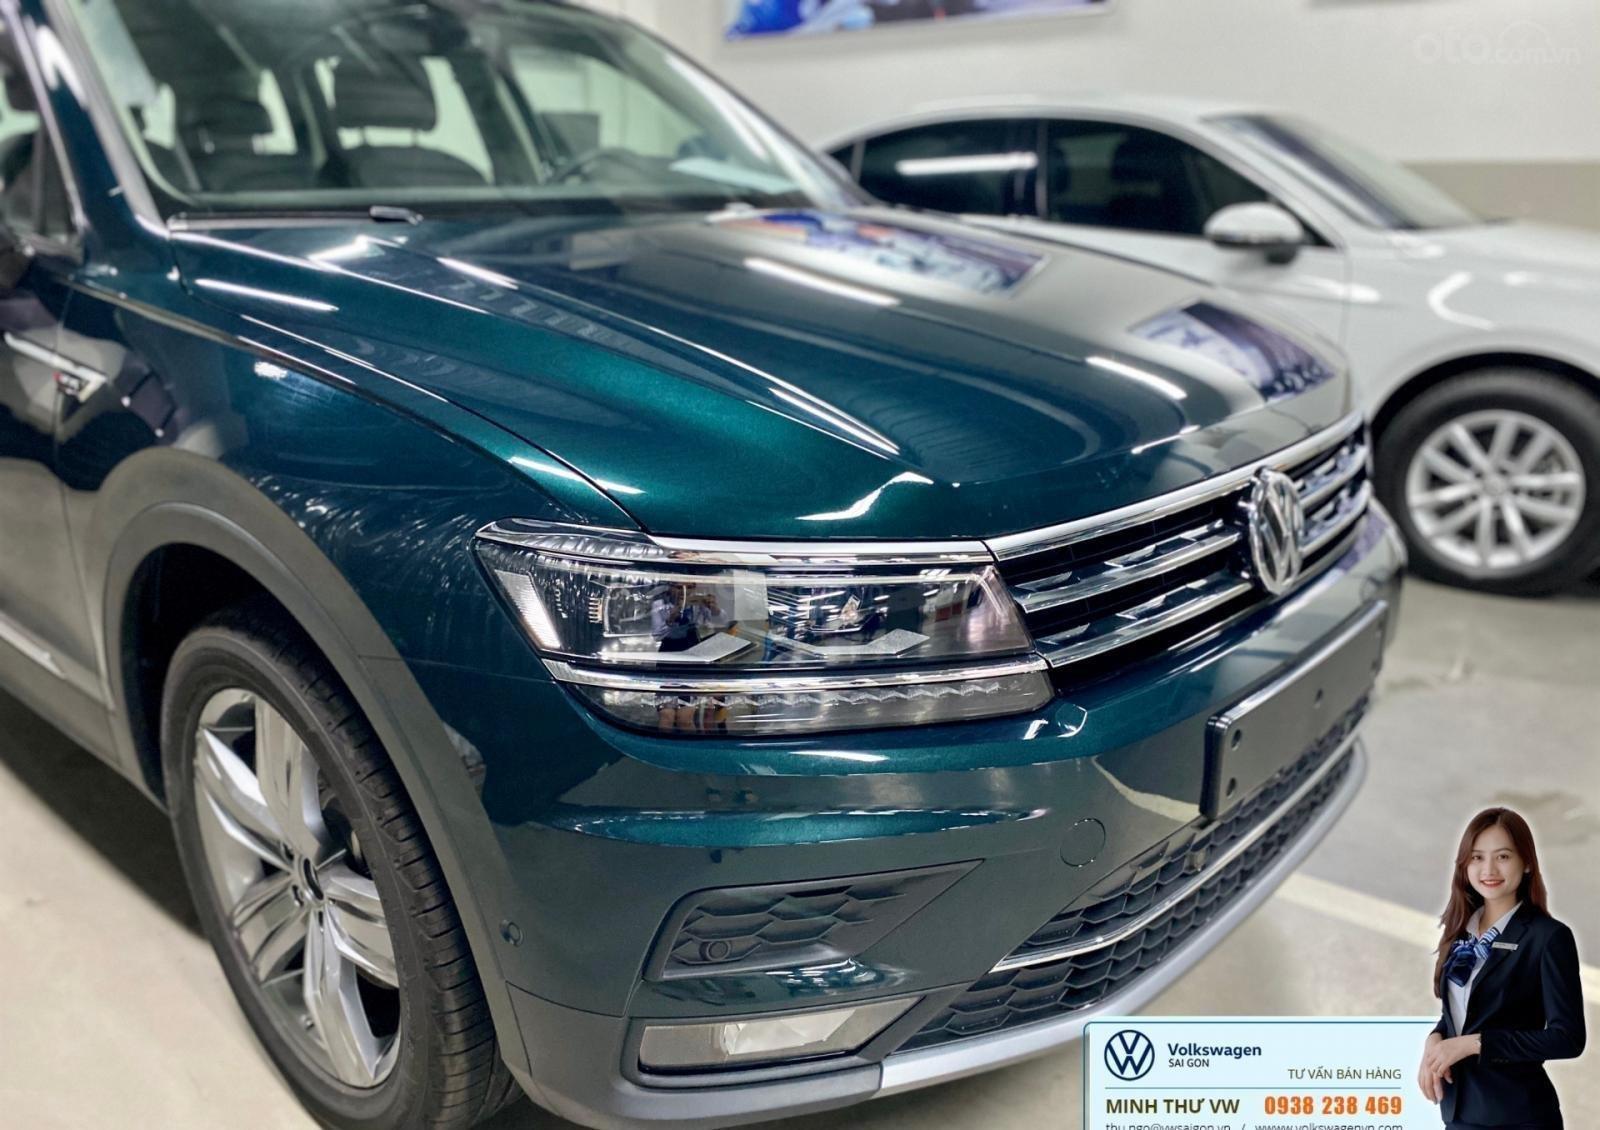 Xe Tiguan Luxury xanh rêu - khuyến mãi giá tốt - SUV 7 chỗ nhập khẩu (3)